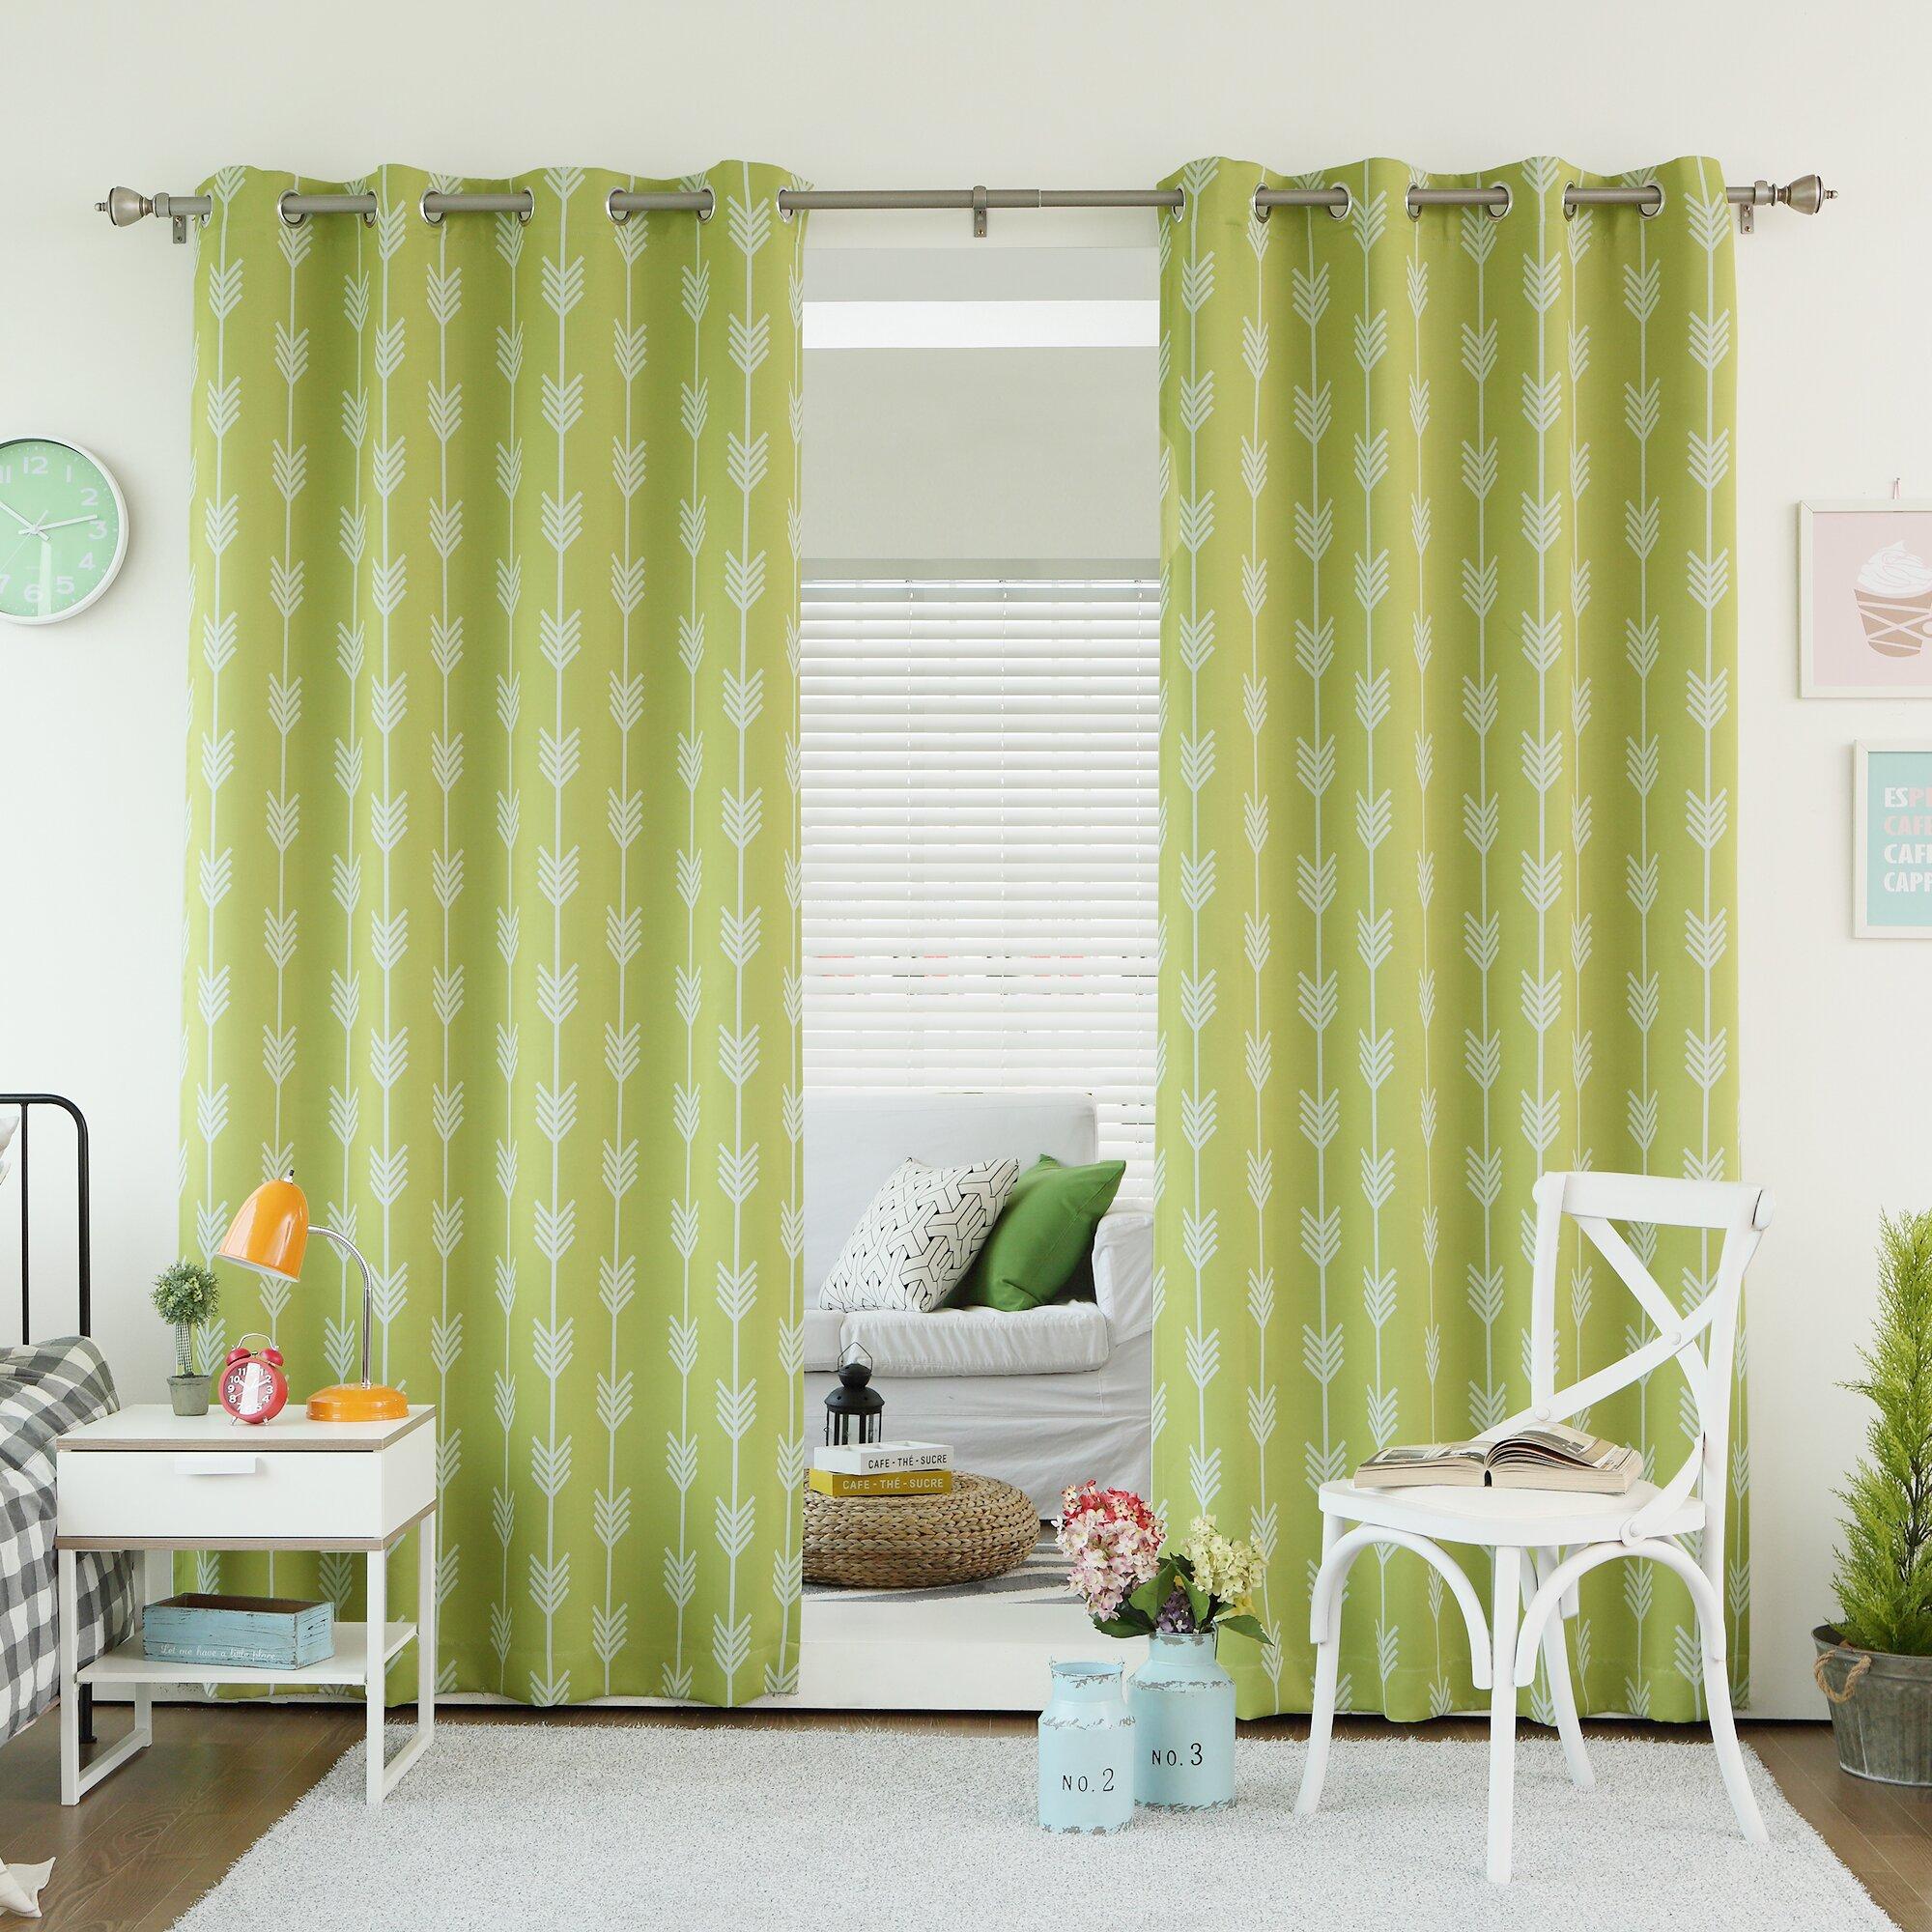 Mercury Row Shaul Grommet Top Room Darkening Thermal Curtain Panels Reviews Wayfair